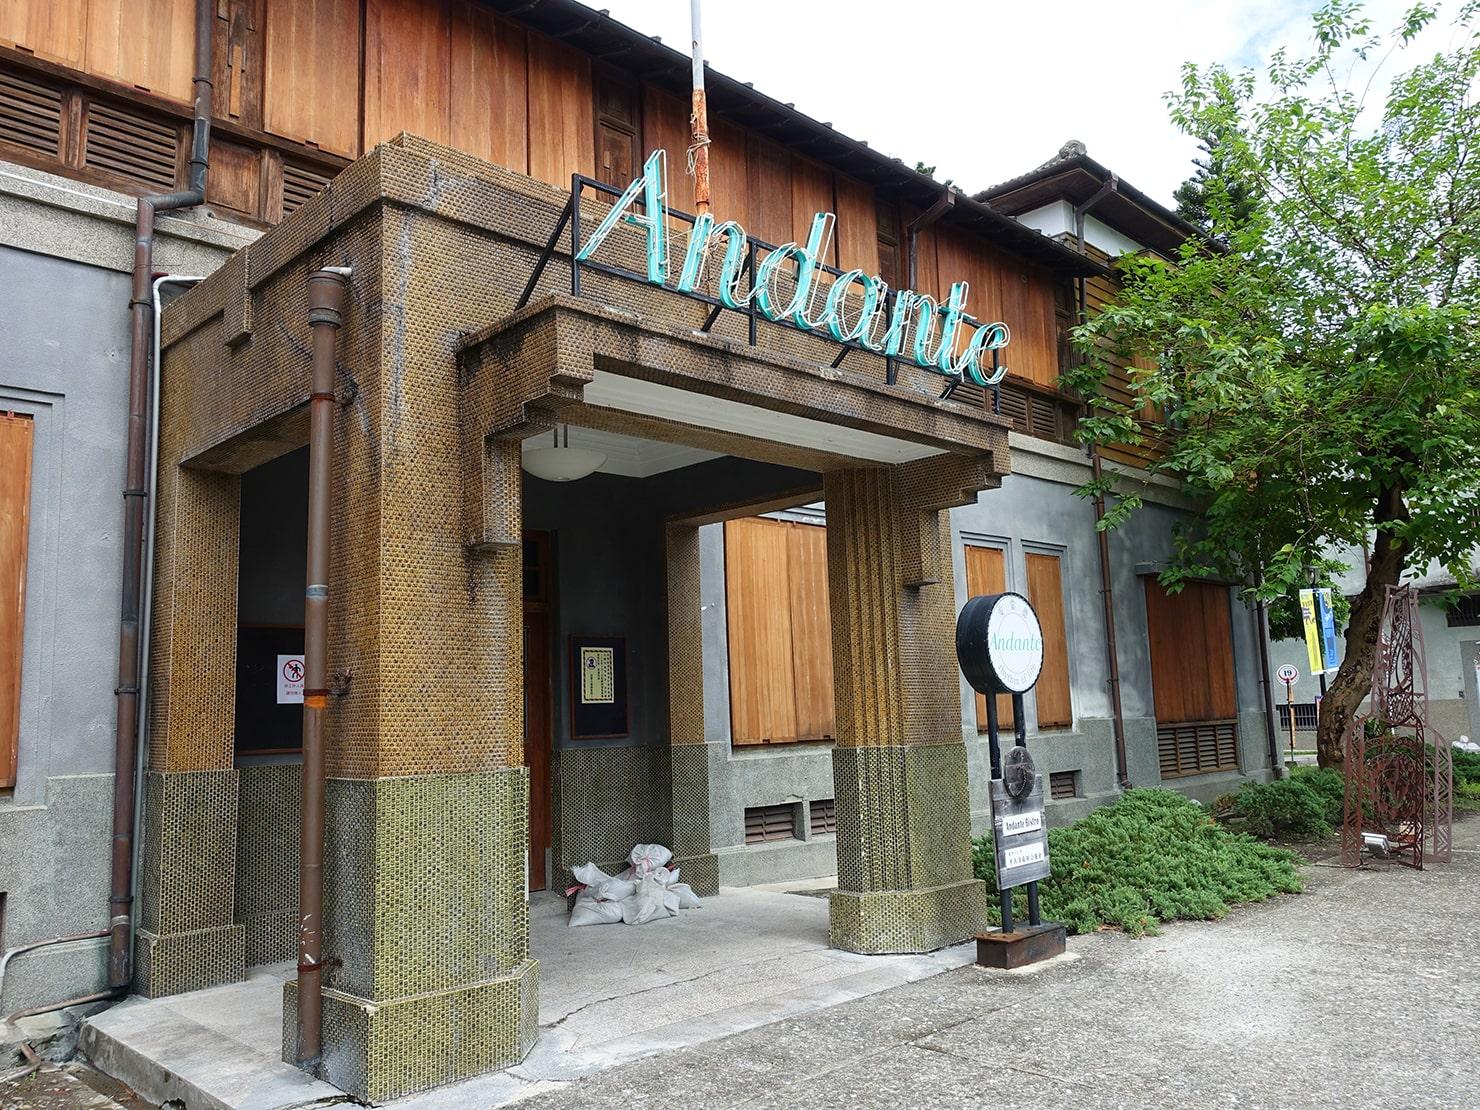 台湾・花蓮のおすすめ観光スポット「a-zone花蓮文化創意產業園區」のレストラン